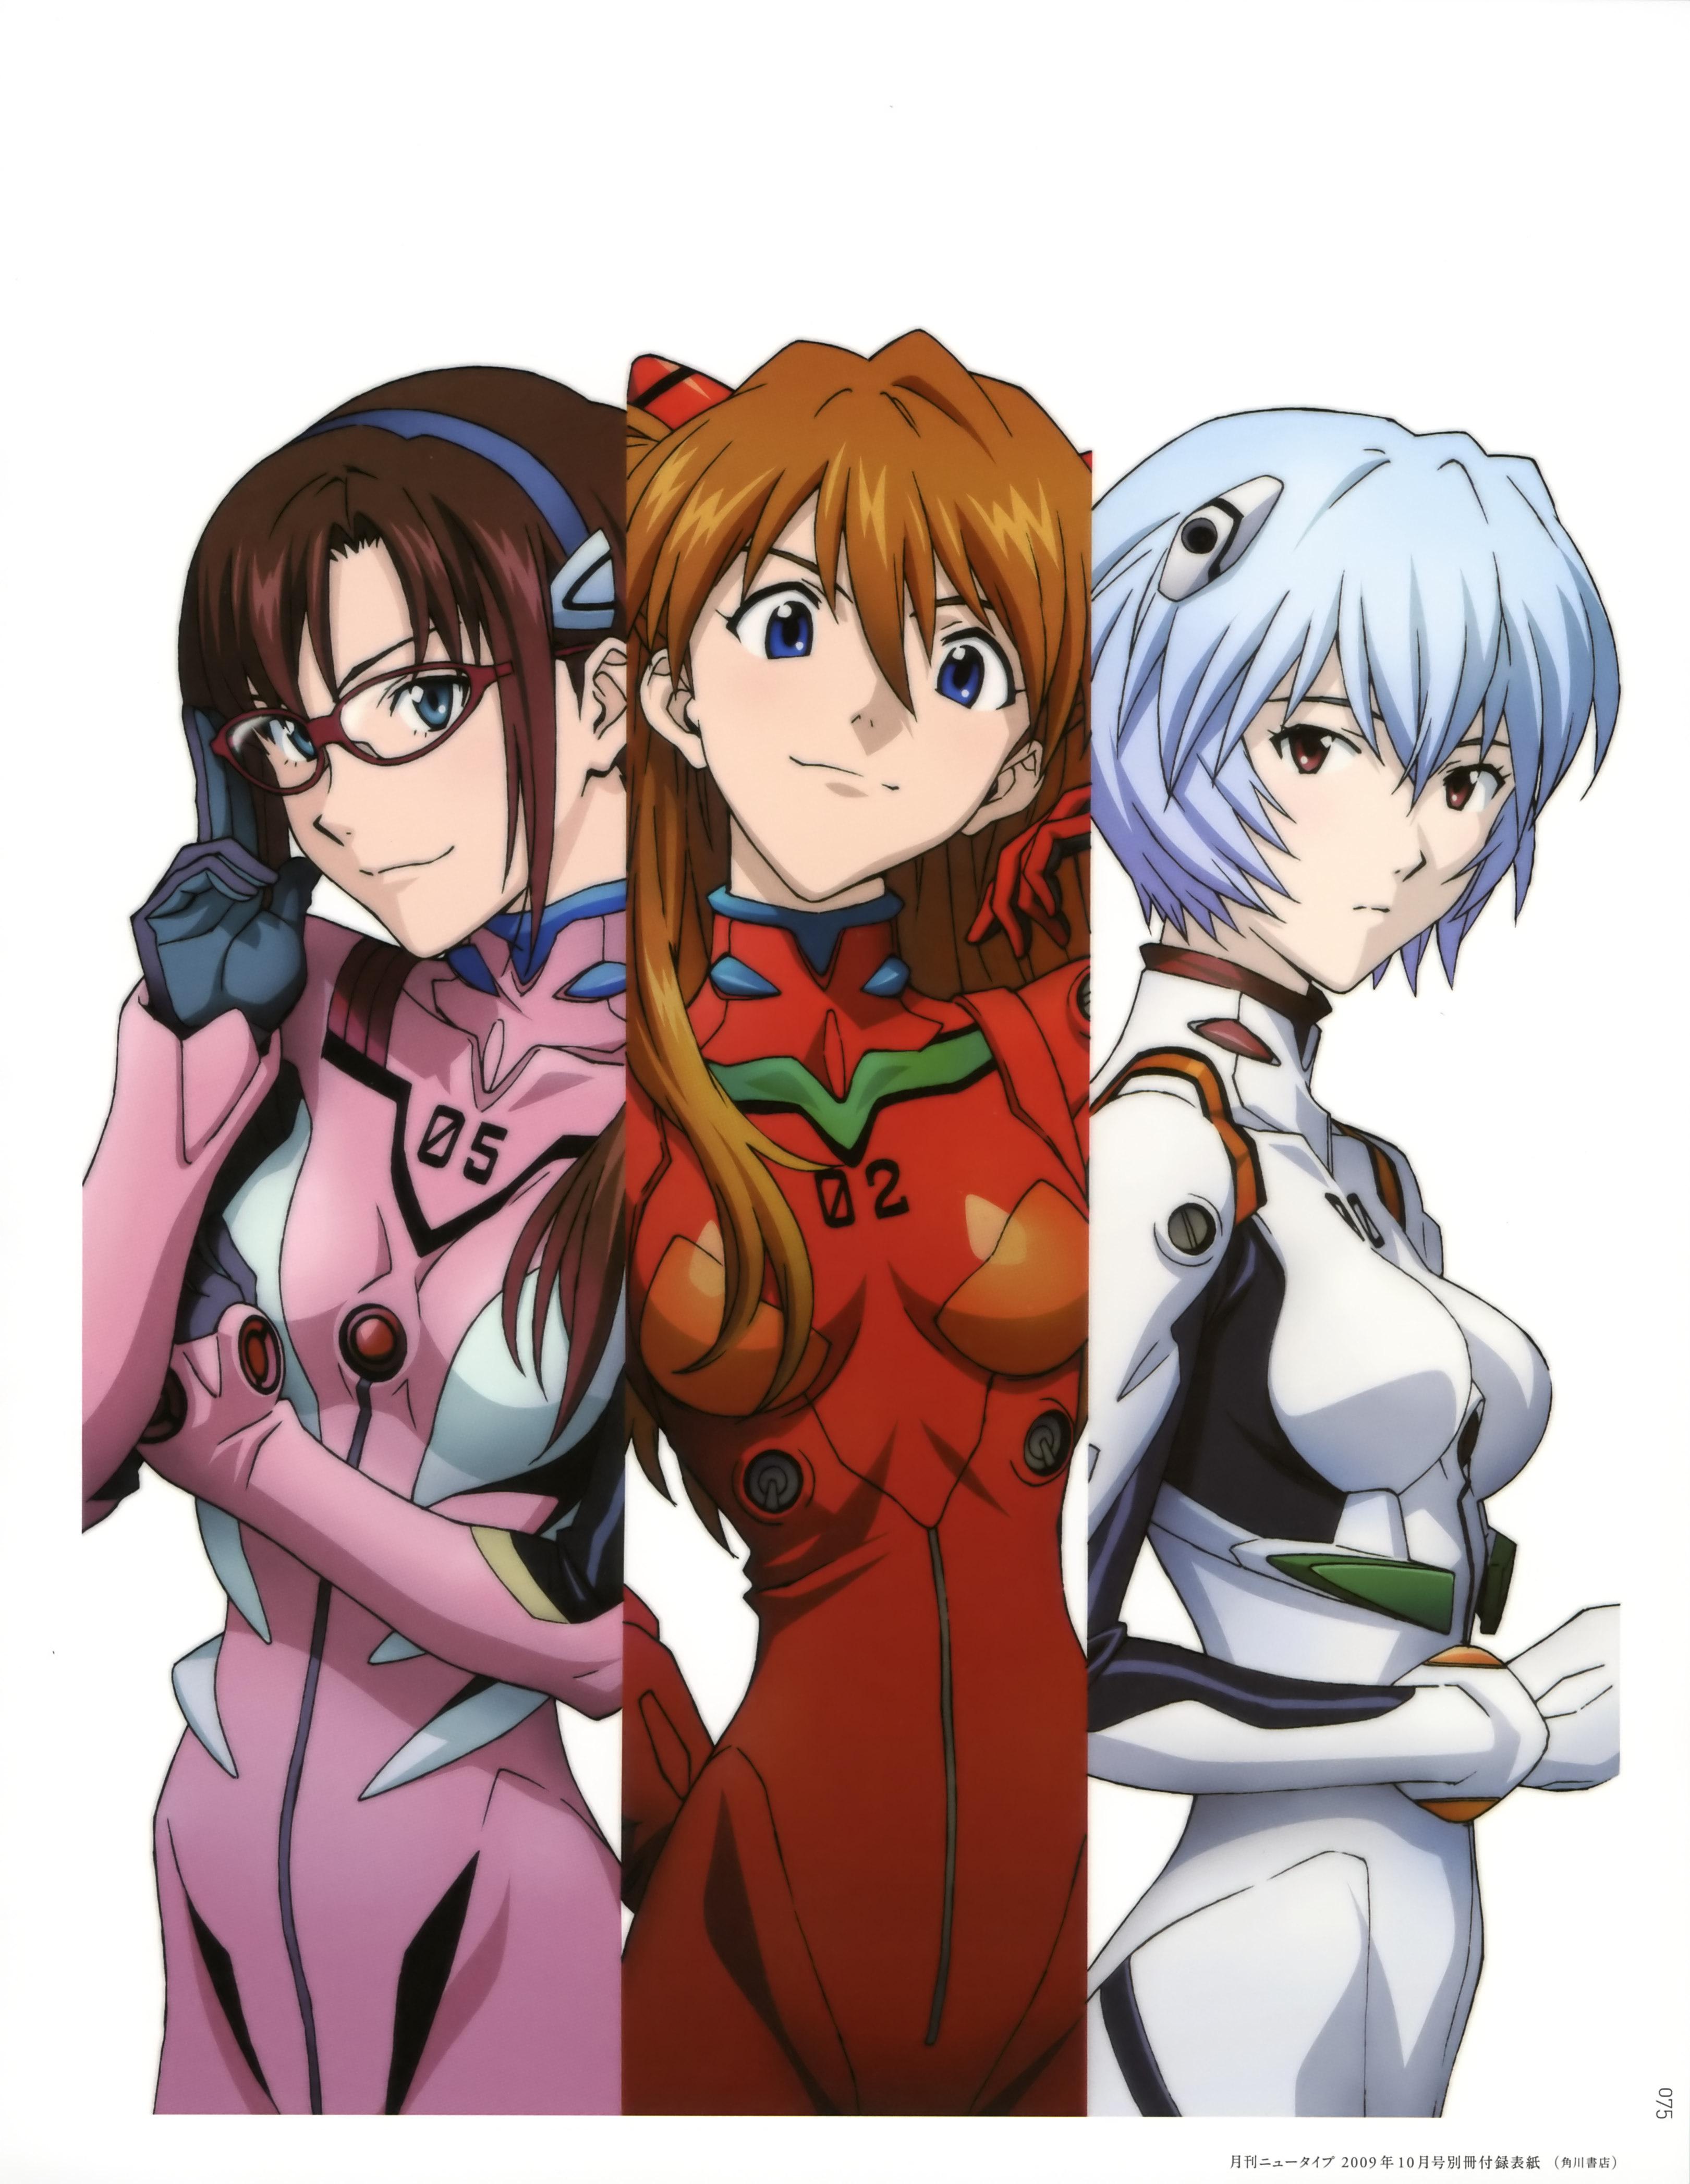 Neon genesis evangelion female characters